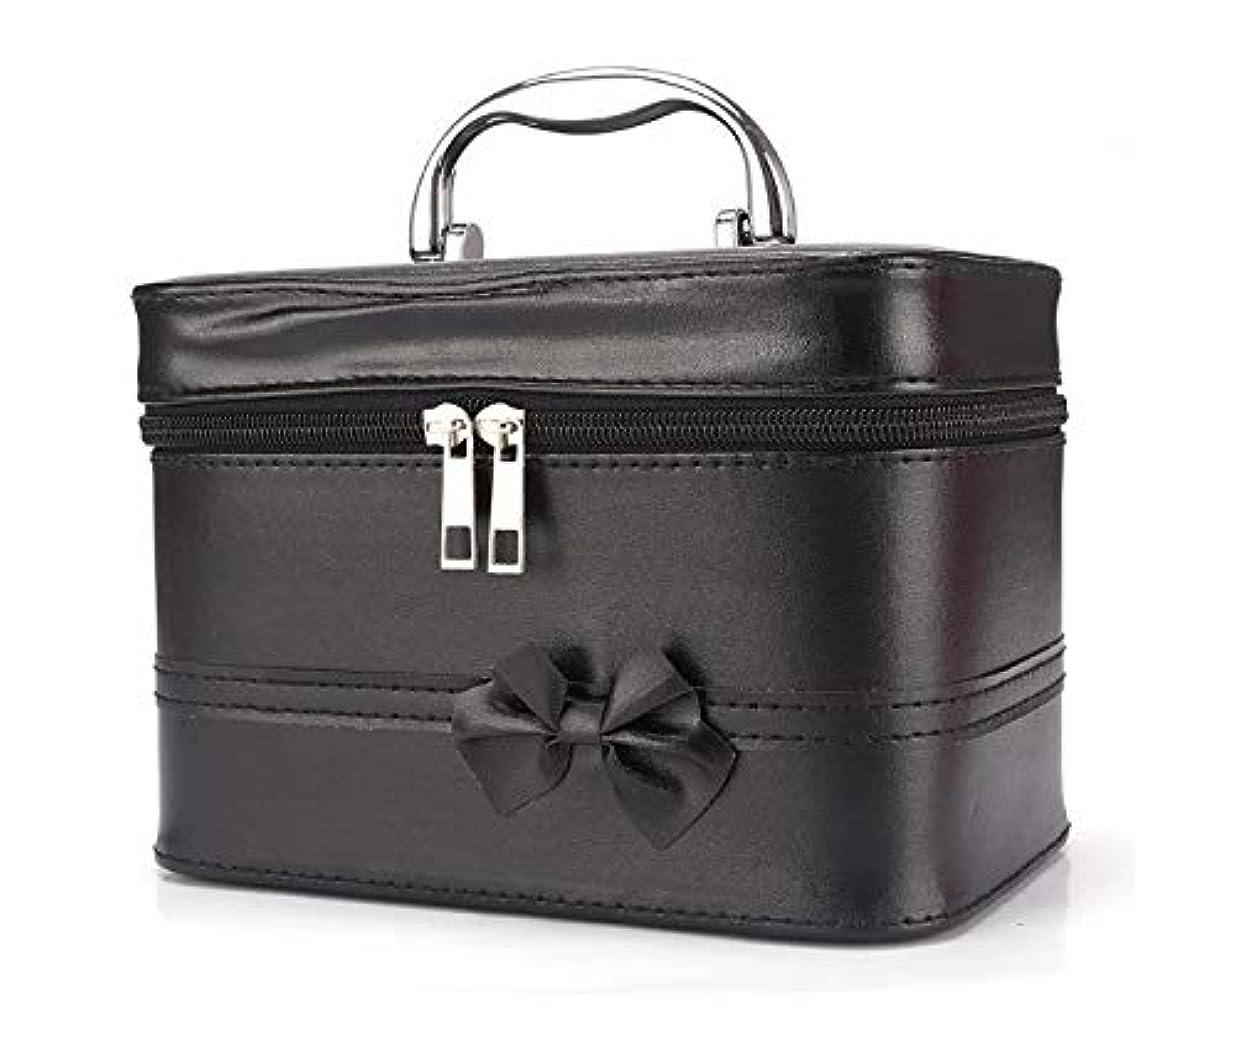 ブラウス本気突破口化粧箱、弓スクエアポータブル化粧品袋、ポータブルポータブル旅行化粧品ケース、美容ネイルジュエリー収納ボックス (Color : ブラック)